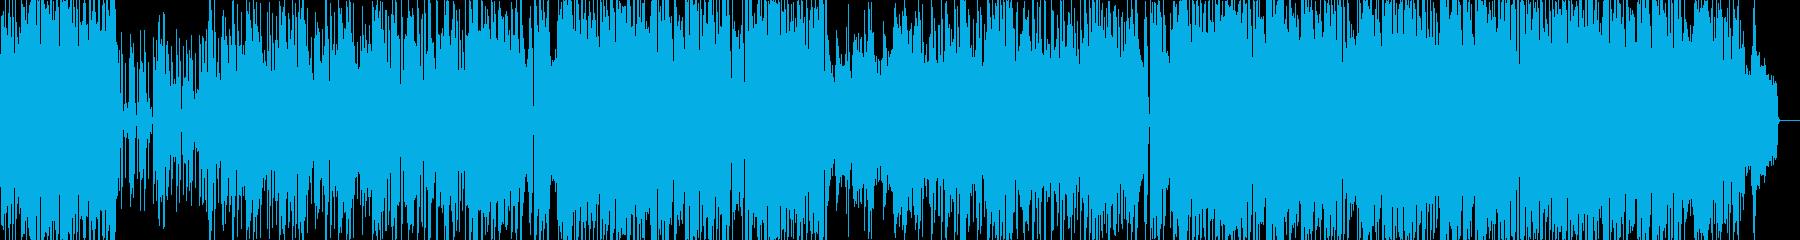 ポップオーケストラ元気ピアノ企業PVの再生済みの波形